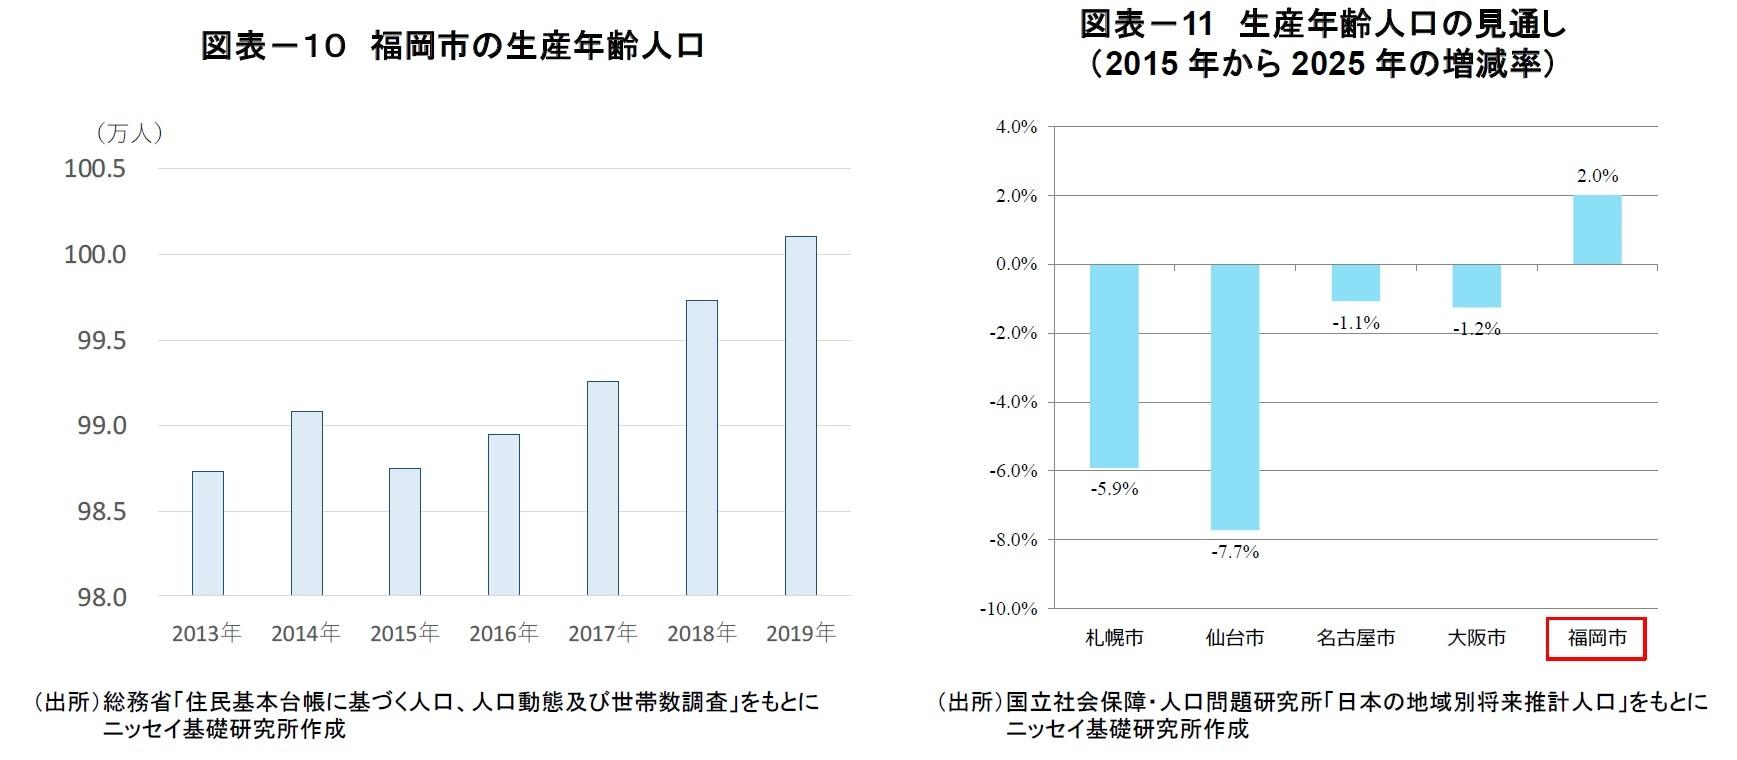 図表-11 福岡市の生産年齢人口/図表-11 生産年齢人口の見通し  (2015年から2025年の増減率)